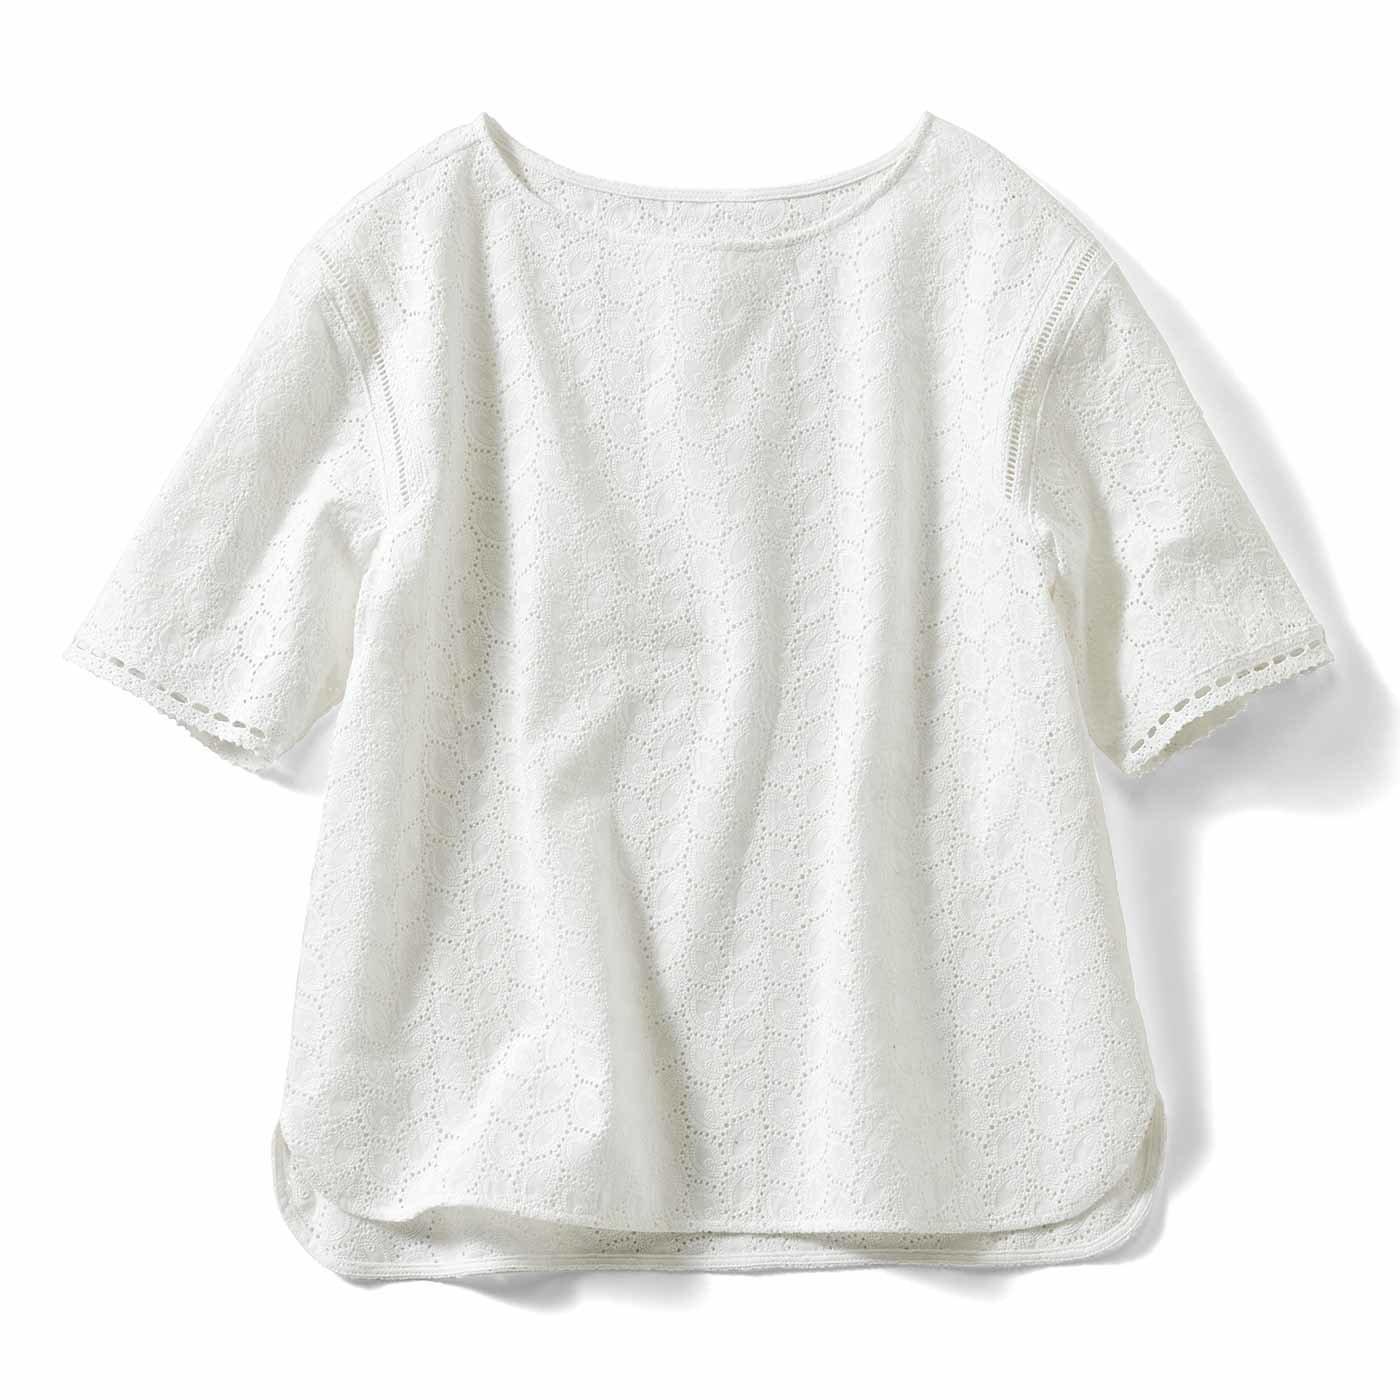 【3~10日でお届け】IEDIT[イディット] Tシャツ感覚で華やぐ総レーストップス〈ホワイト〉